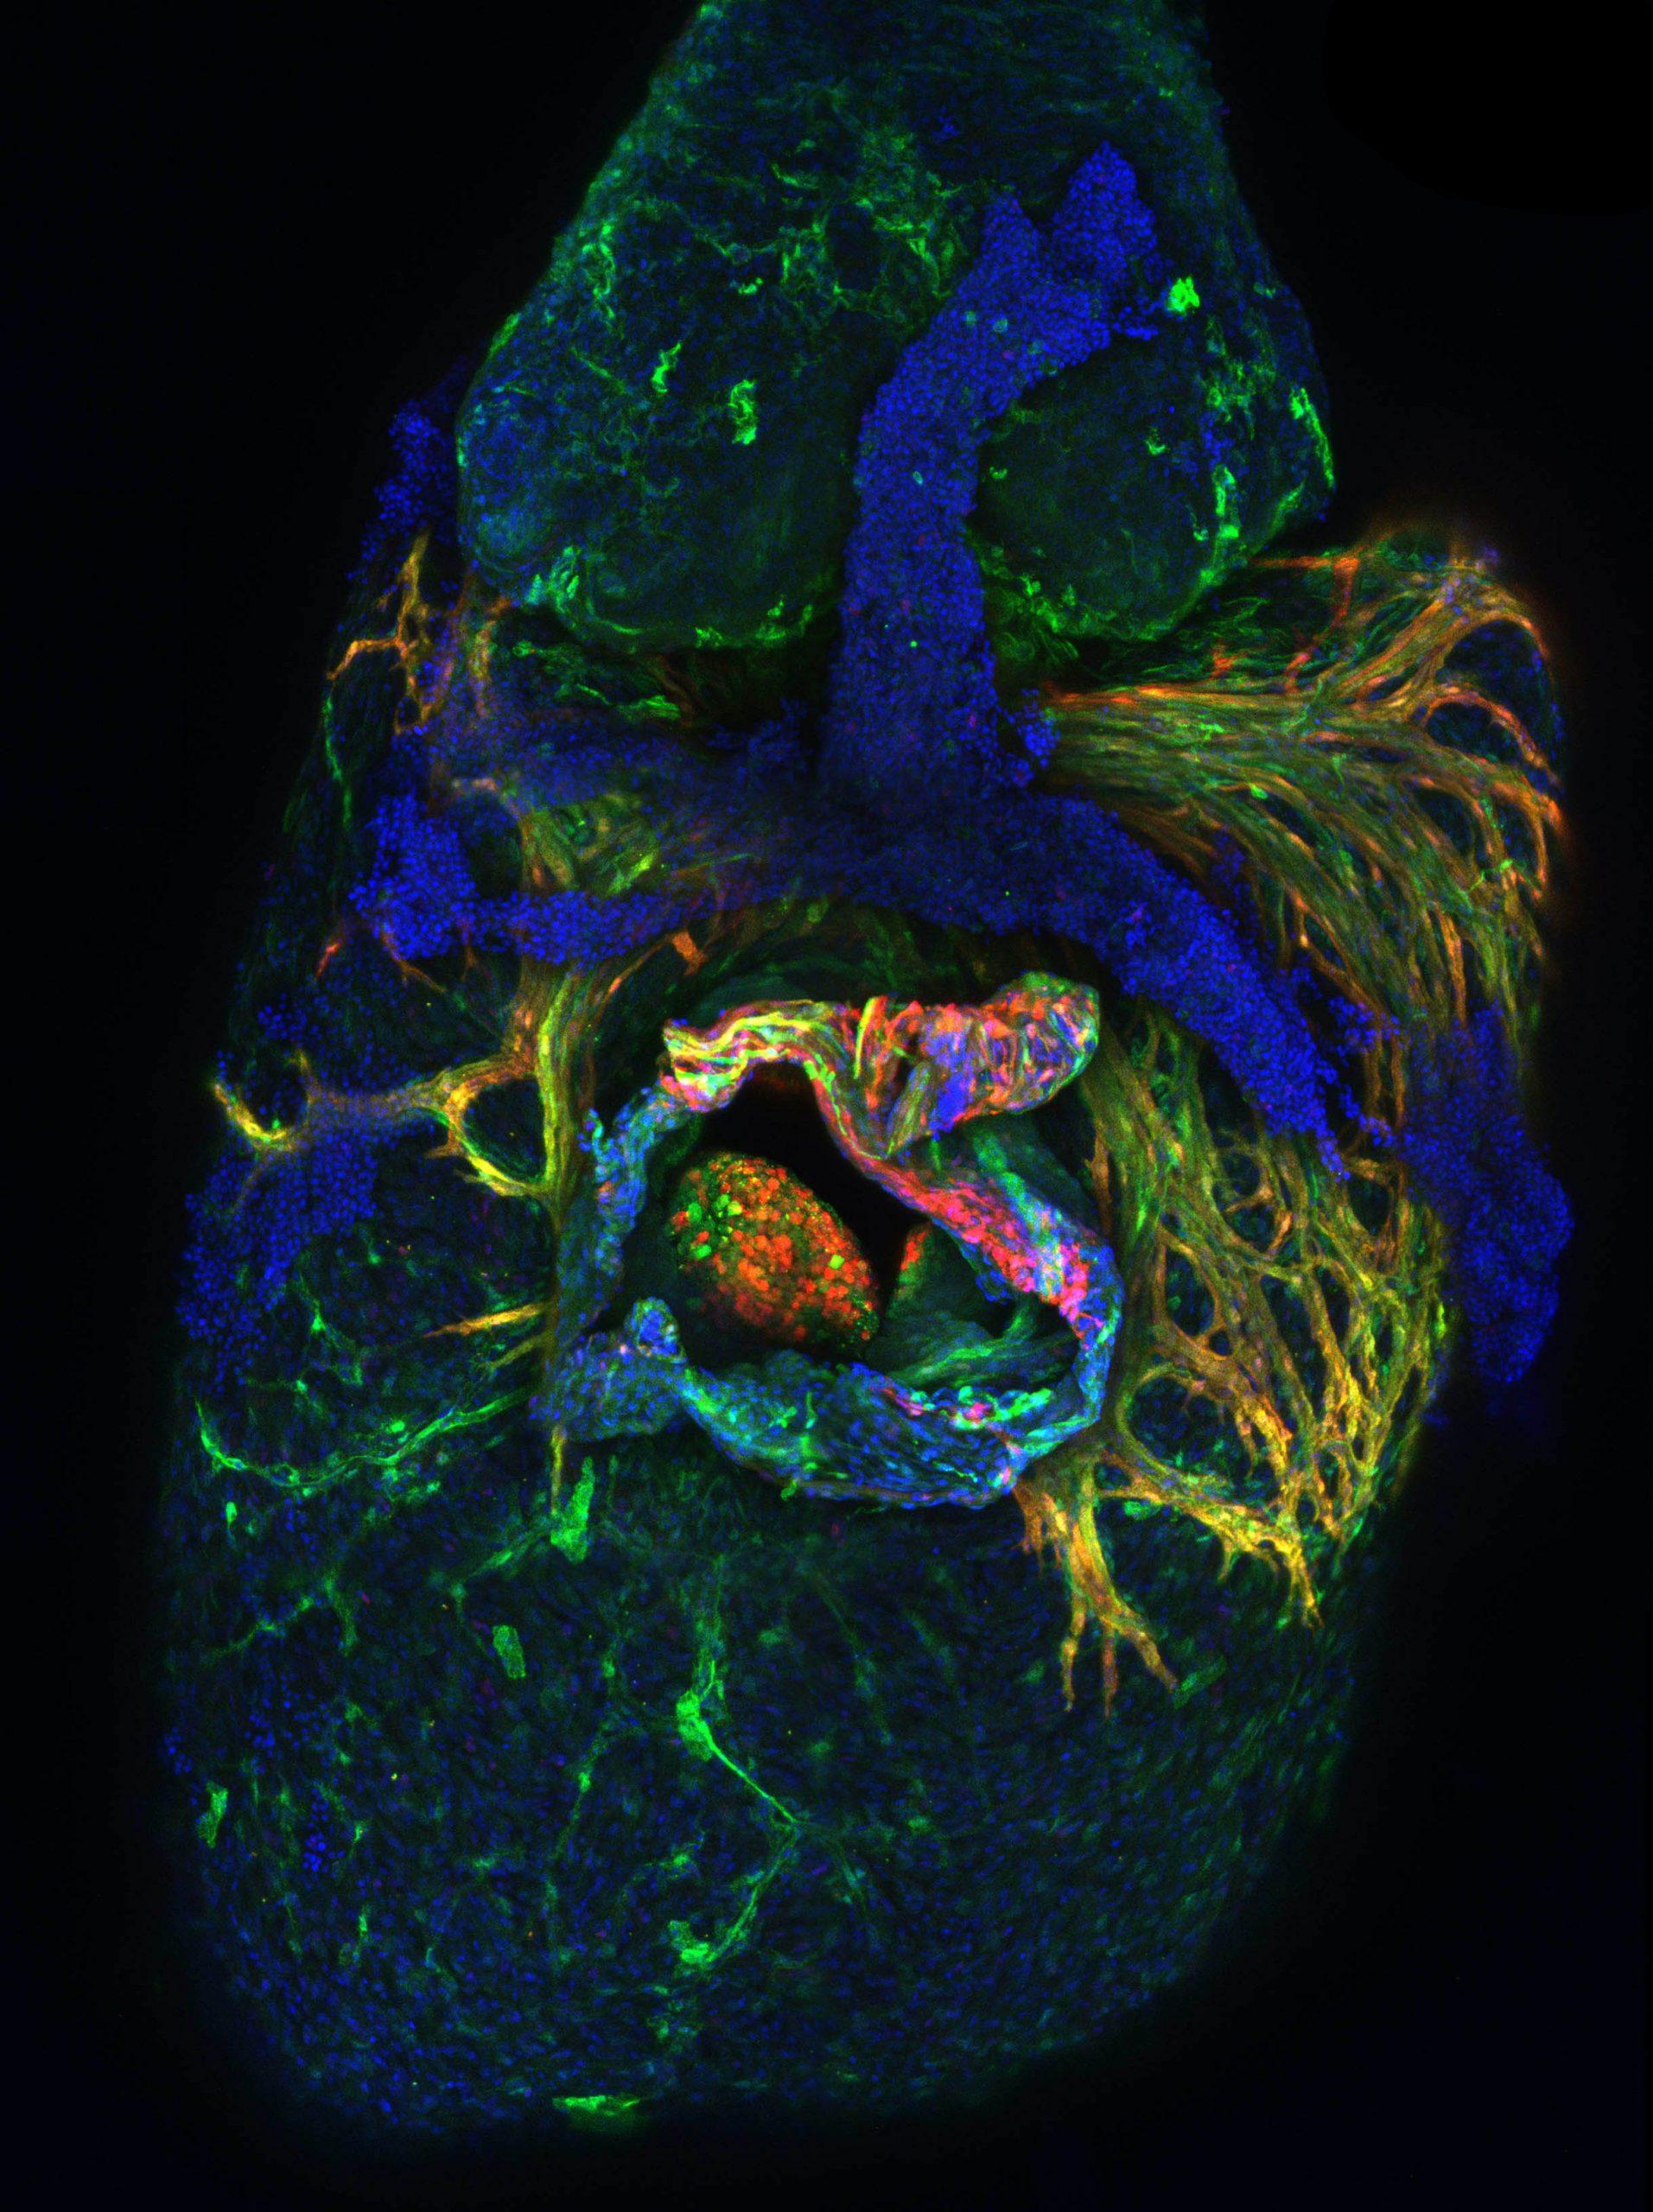 juvenile zebrafish heart image